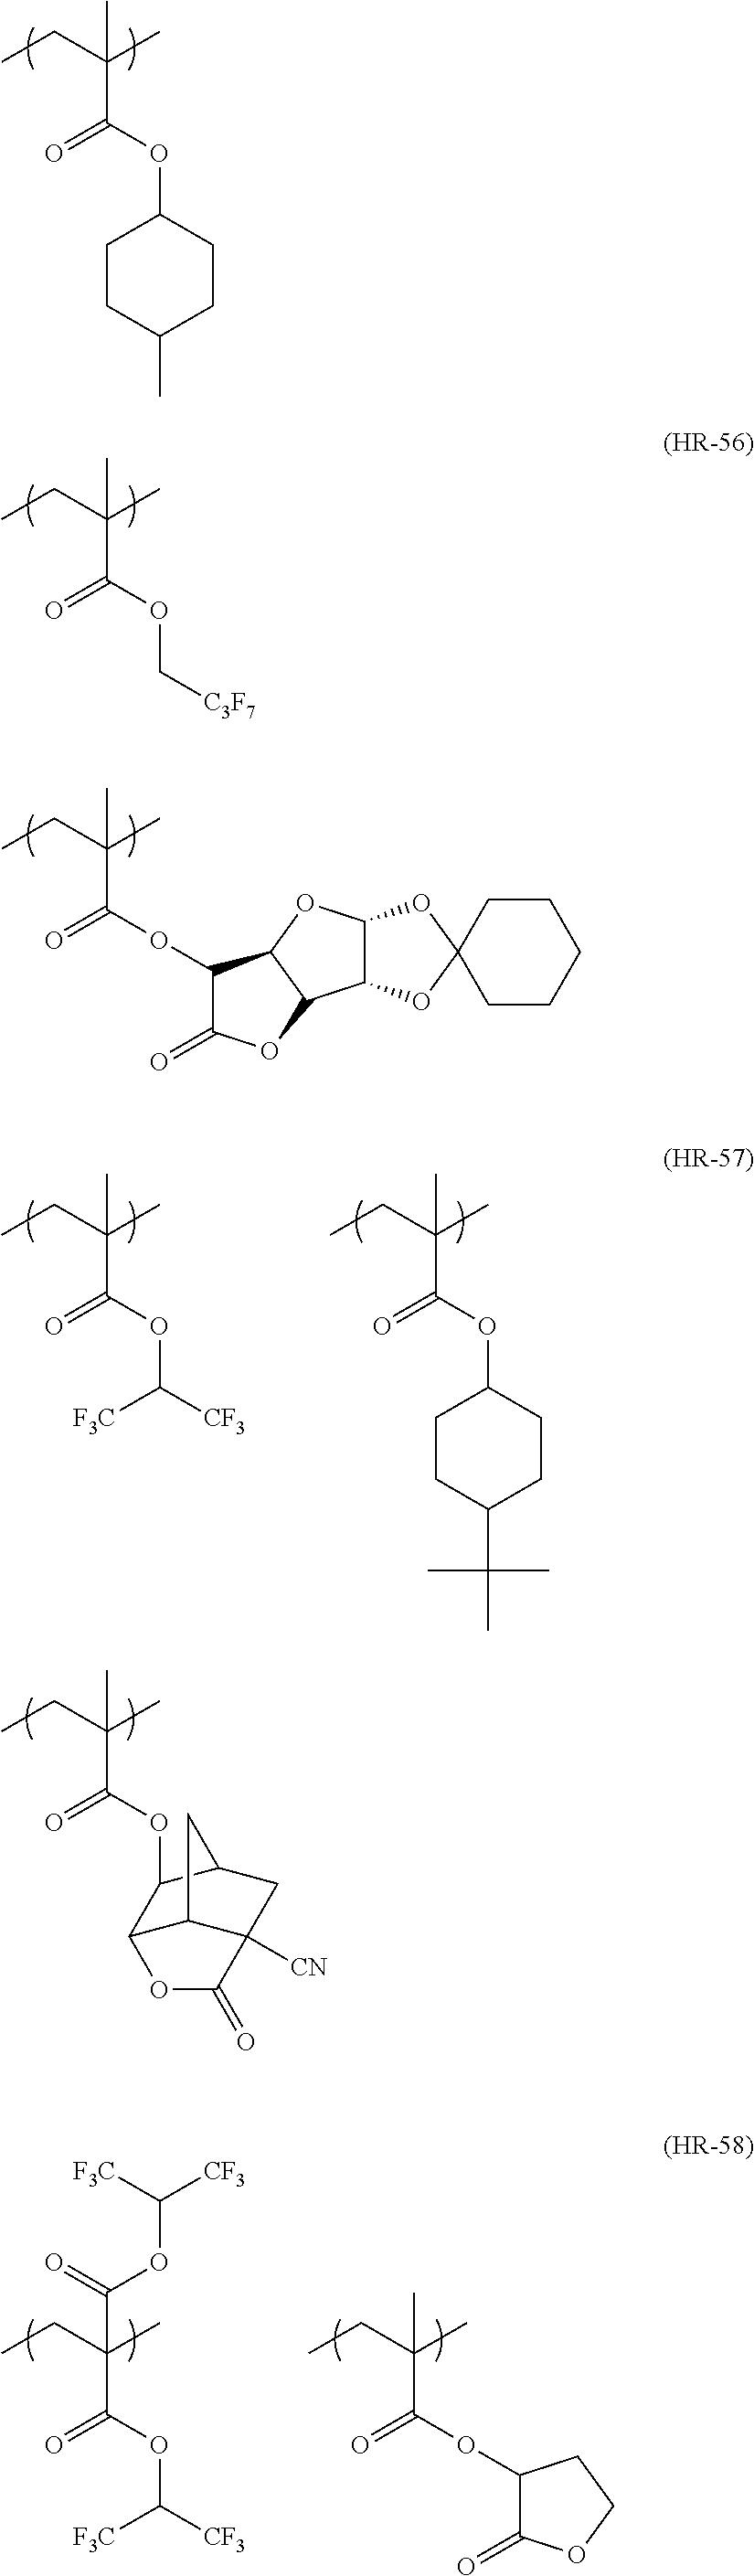 Figure US08404427-20130326-C00163